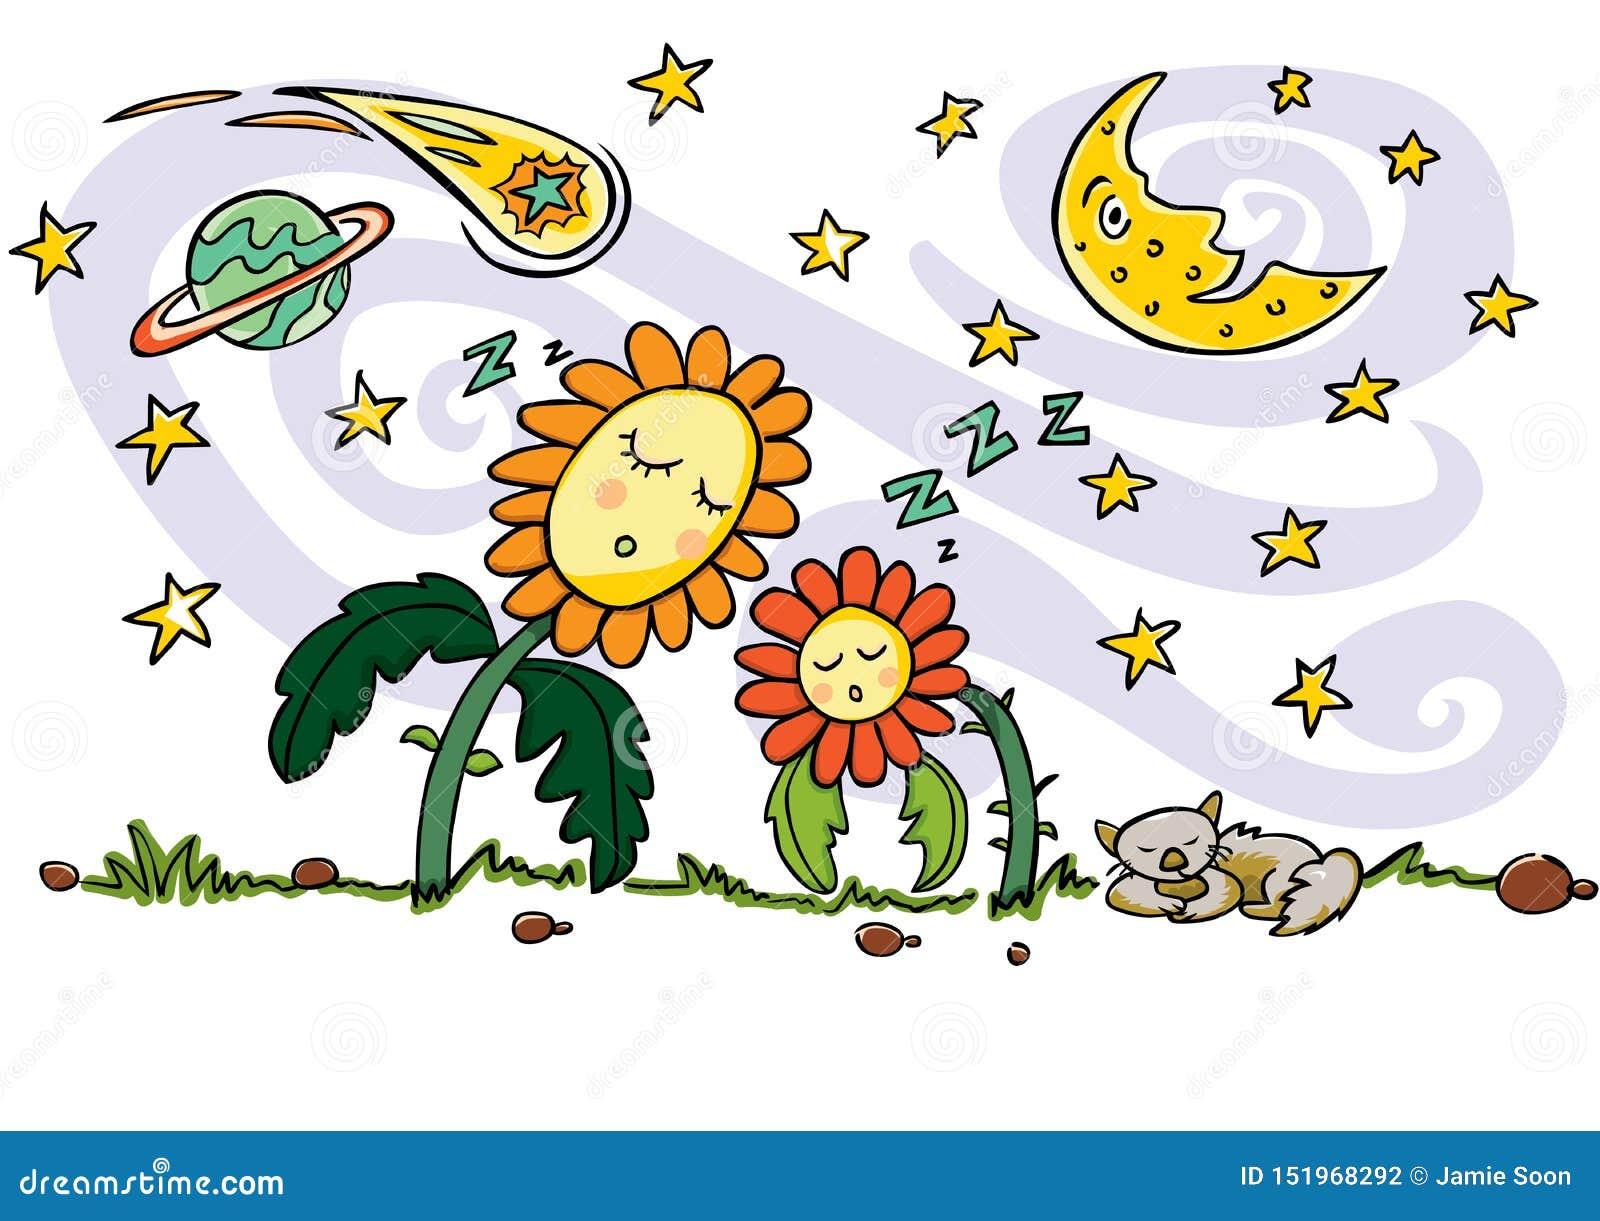 Kleurrijke vectortekening De leuke bloemen van de slaapzon, kat, toenemende maan, planeet, komeet en vallende sterrenelementen